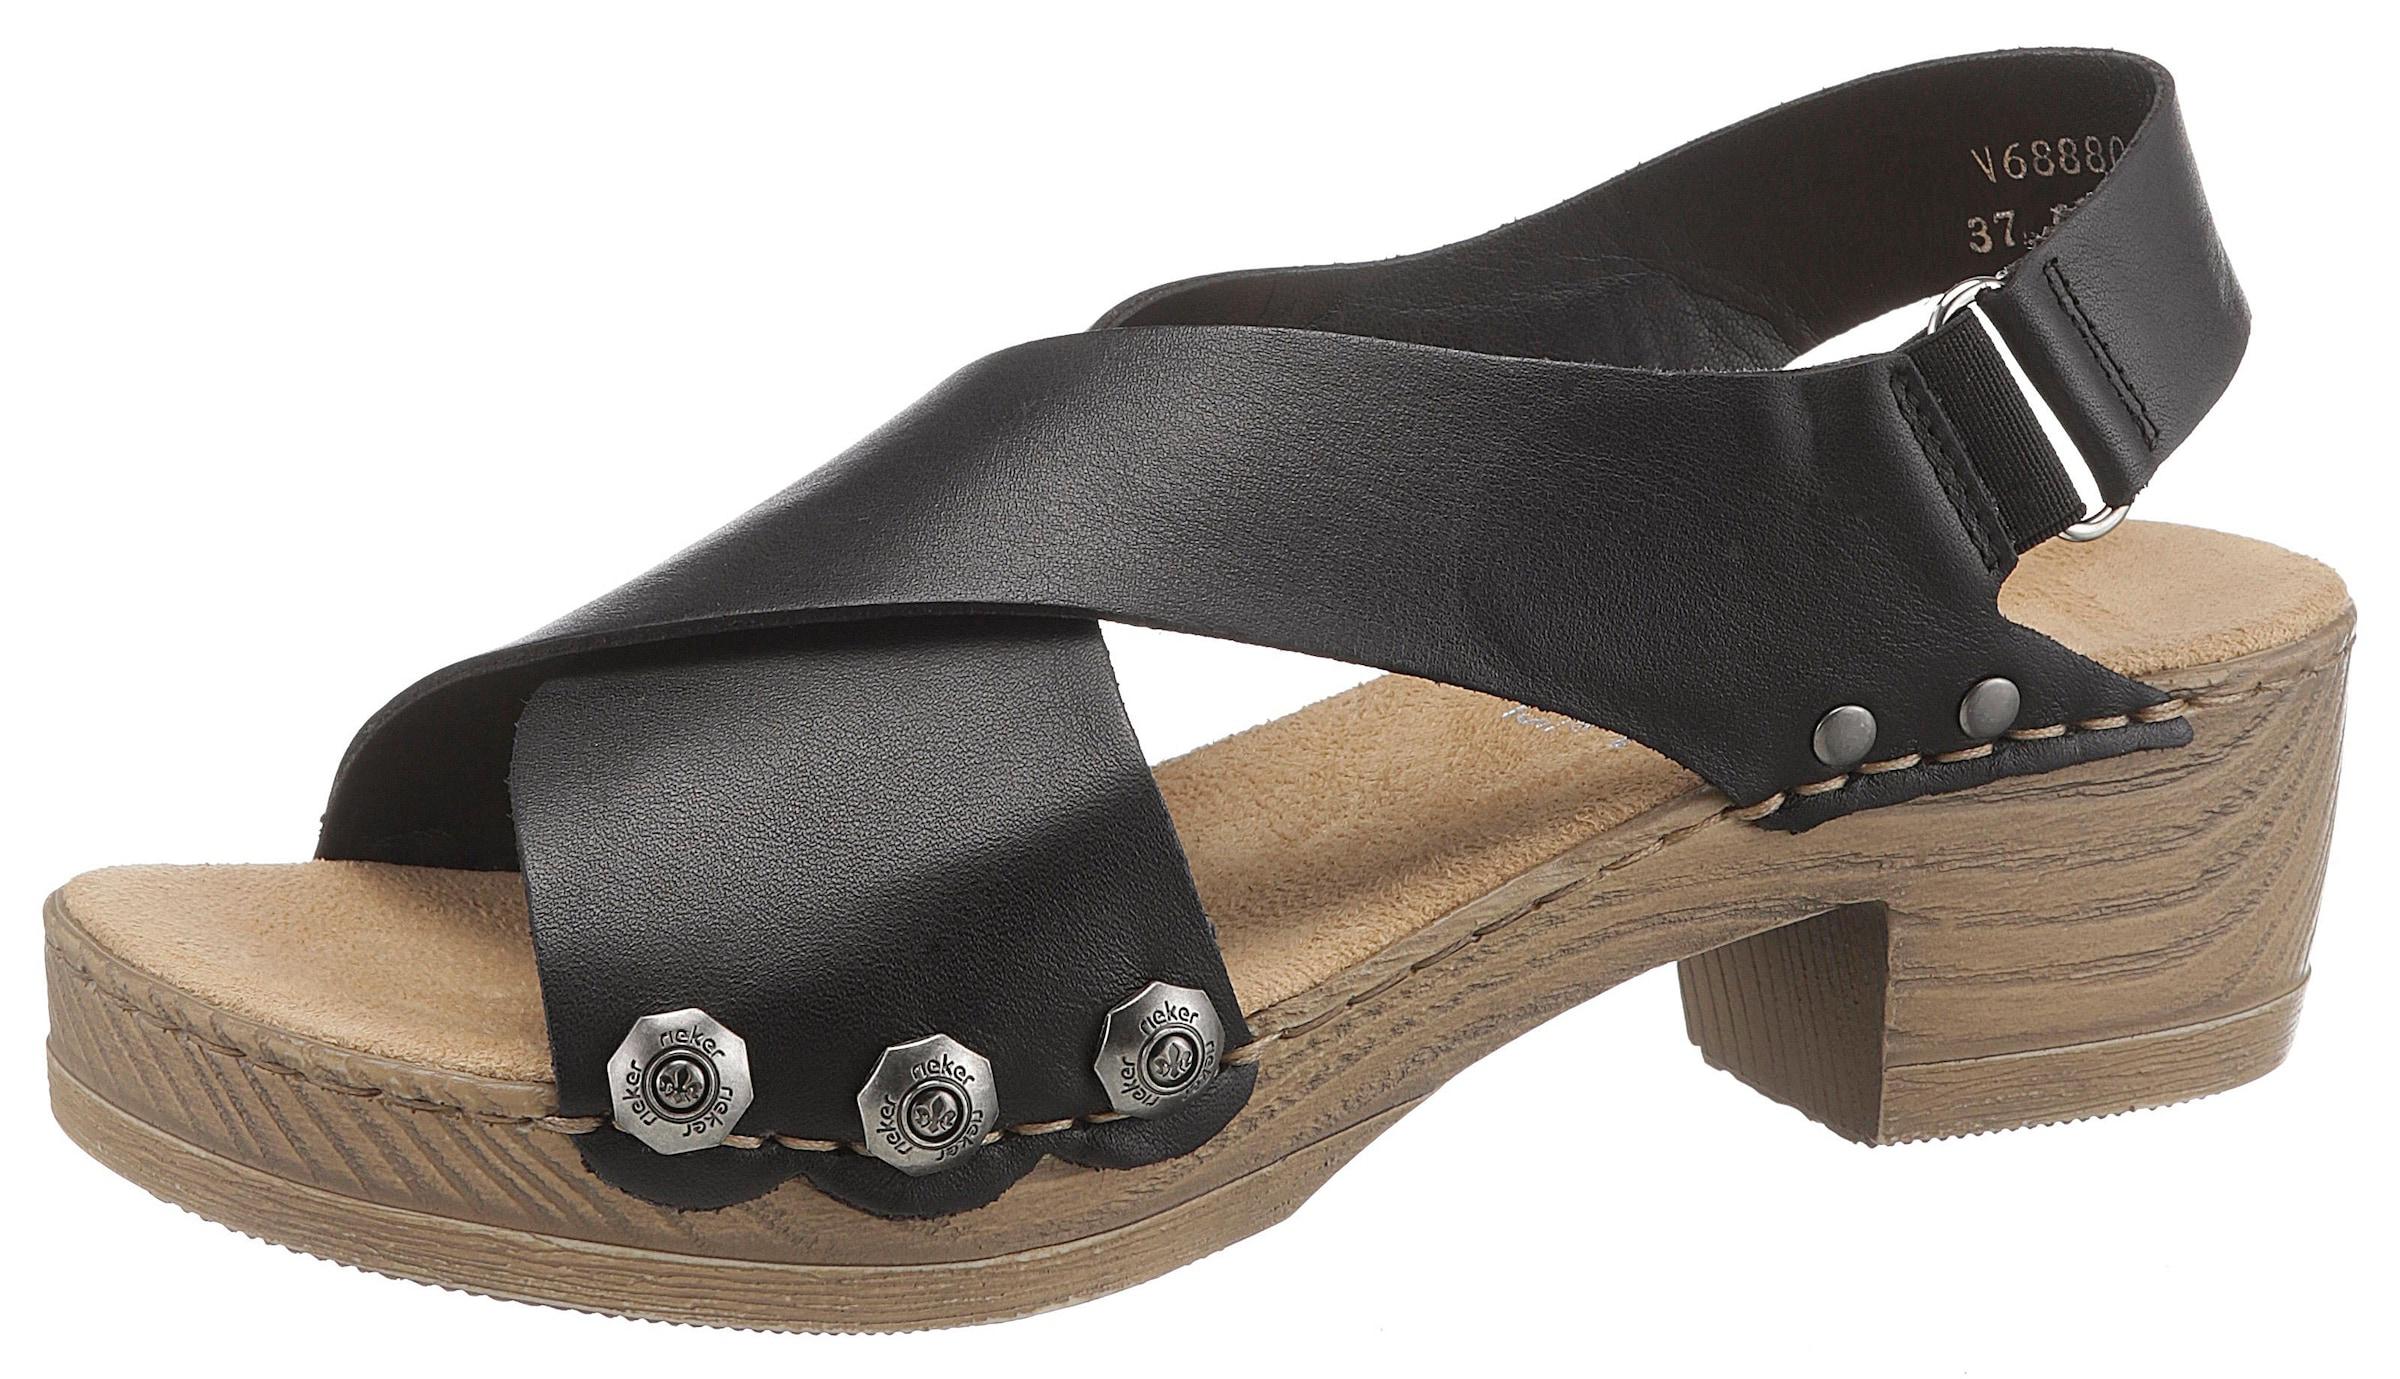 Zum Zu Schlupfen Sandalen Elegante Details Sandalette Rieker Damen Sandaletten Damenmode eIEDH2bWY9